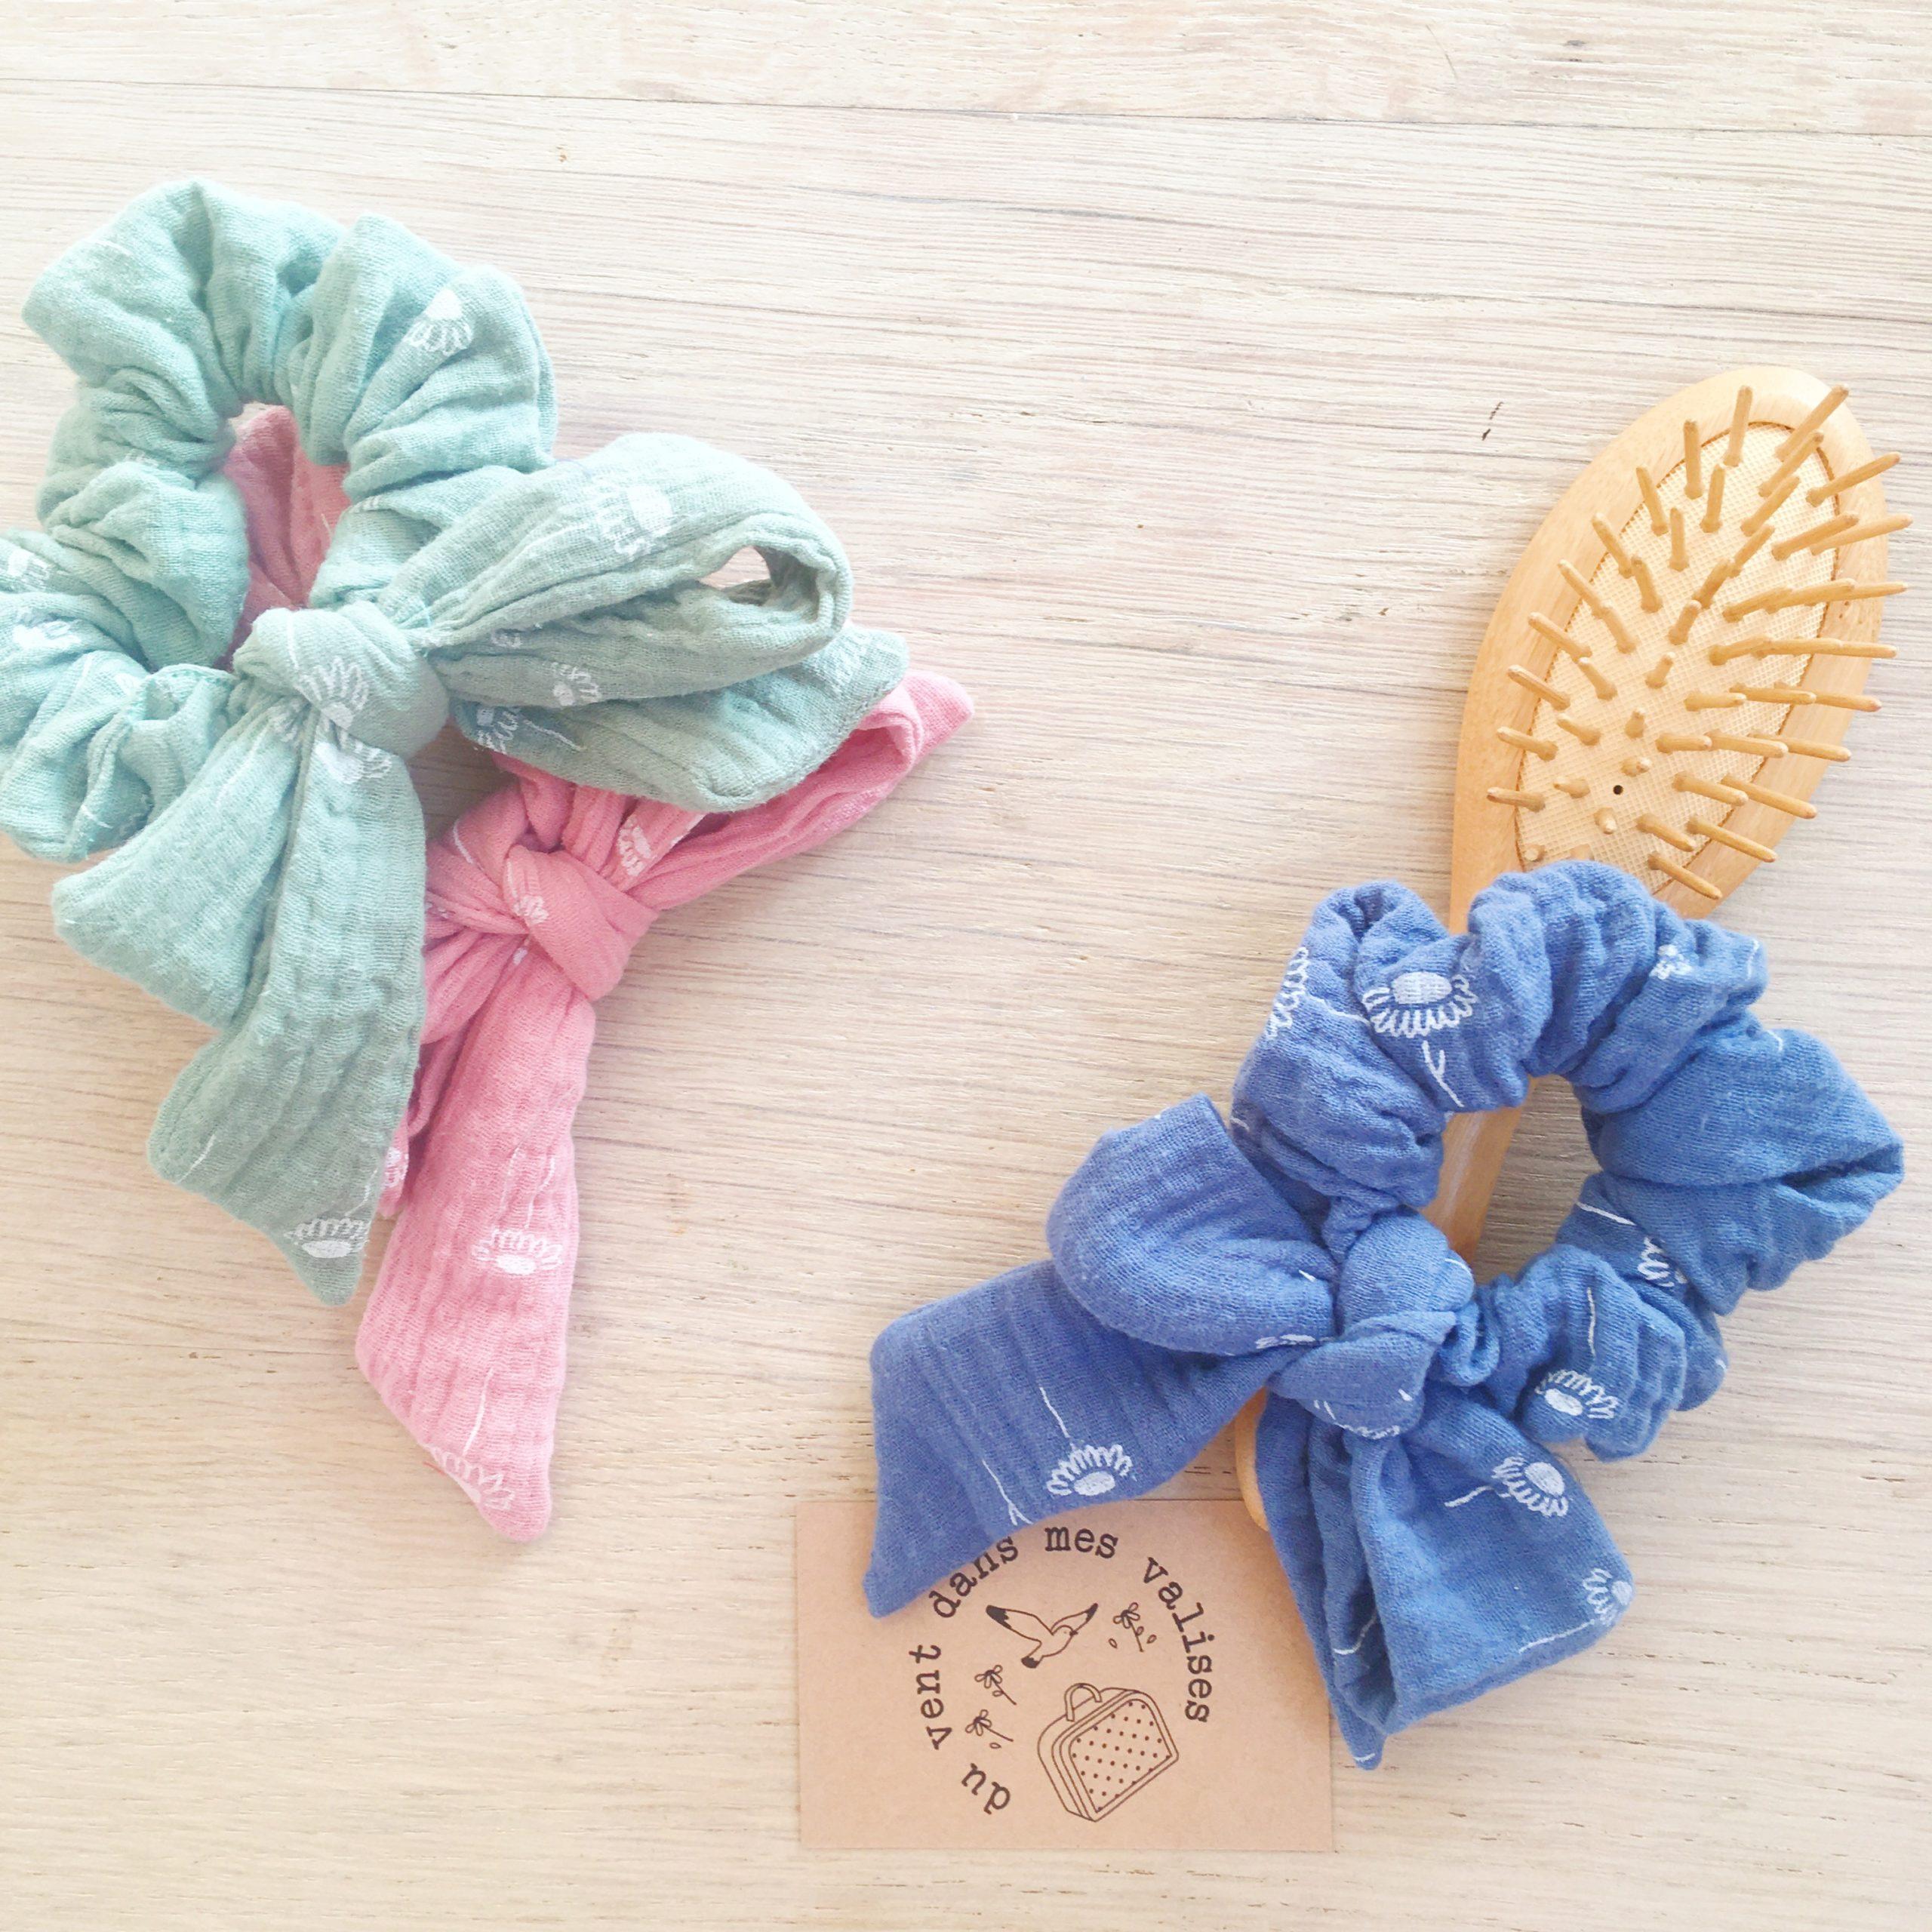 chouchou noeud foulchie chic motif adorable pâquerettes fabrication artisanale française en double gaze de coton - du vent dans mes valises8